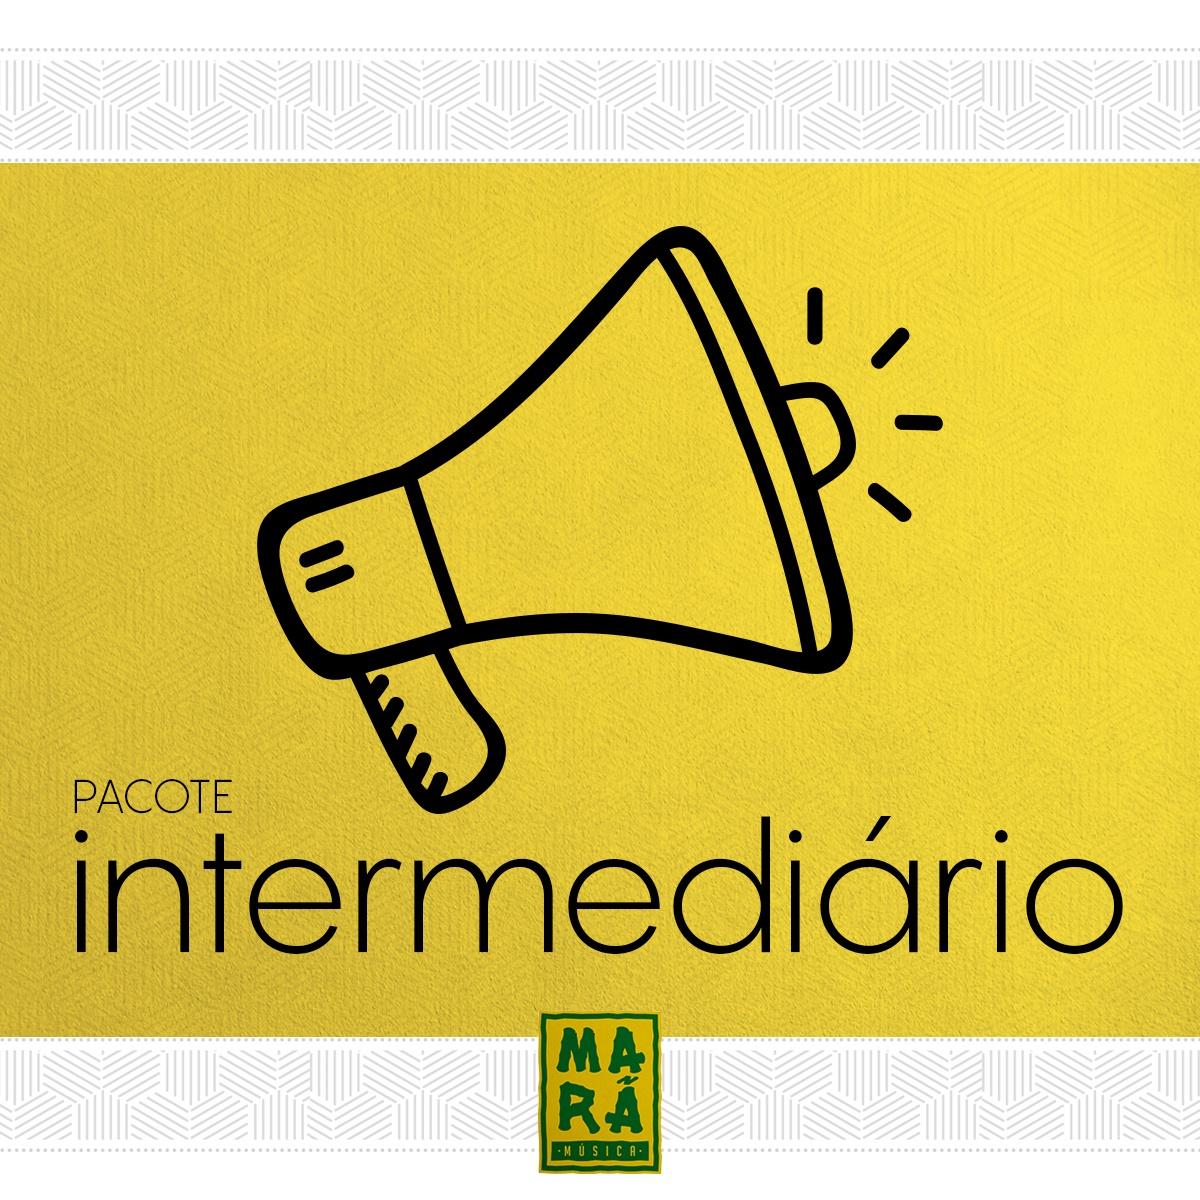 Consultoria Bandas - Pacote intermediário com duração de 3 meses - Empresa de marketing musical Marã Música